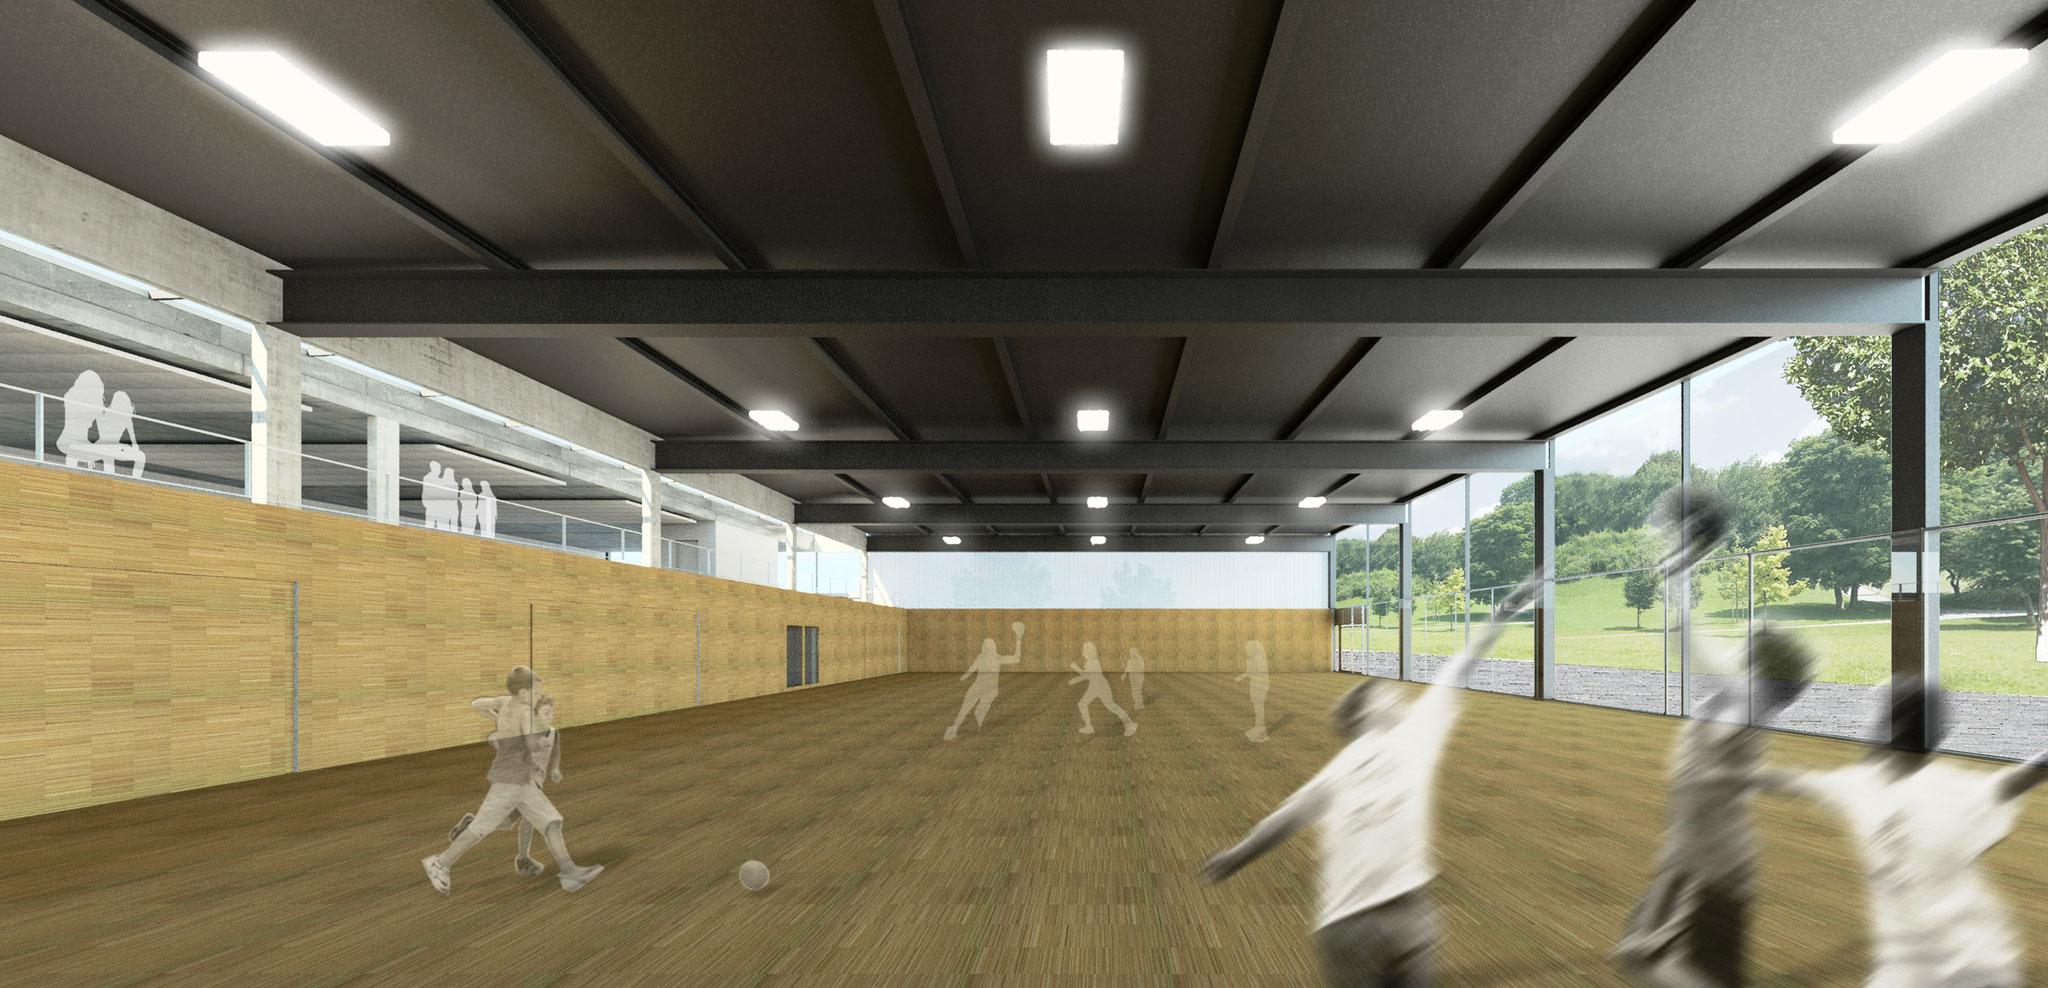 Sportzentrum - Mehrzweckhalle